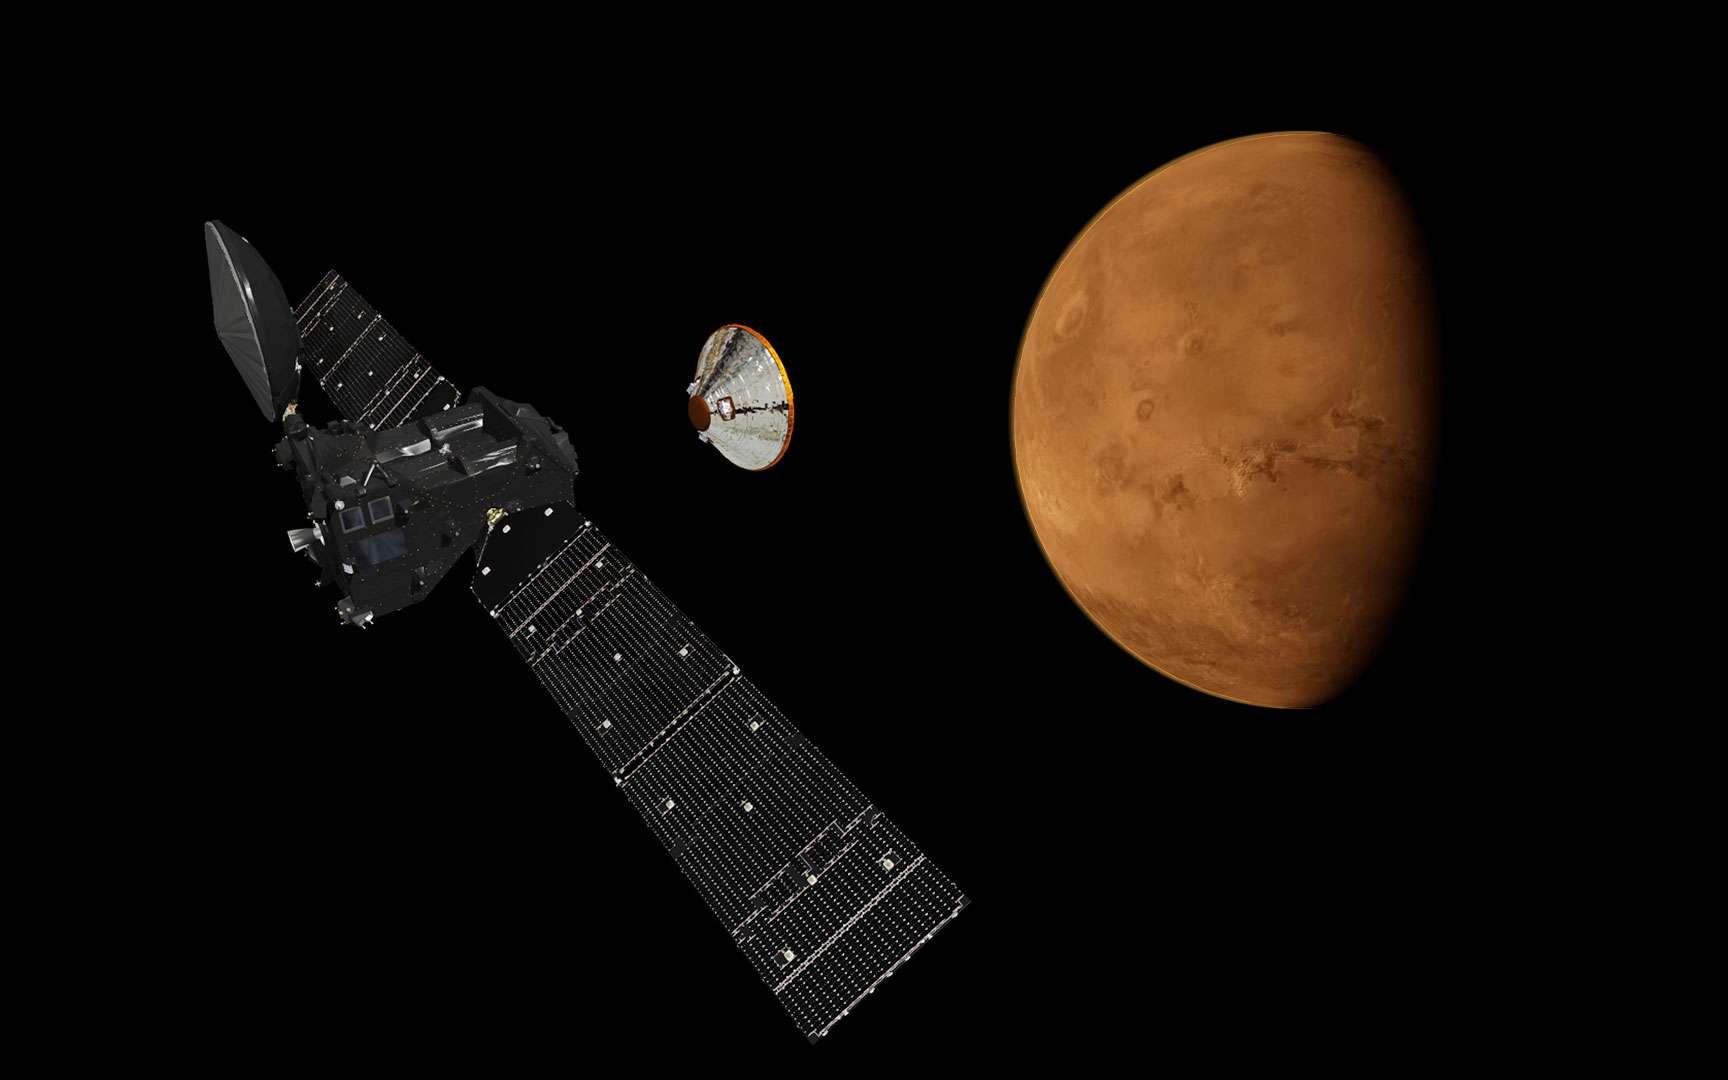 Malgré un départ retardé de plus de deux mois, la sonde ExoMars devrait tout de même arriver autour de la Planète rouge en octobre 2016. © Esa, ATG medialab